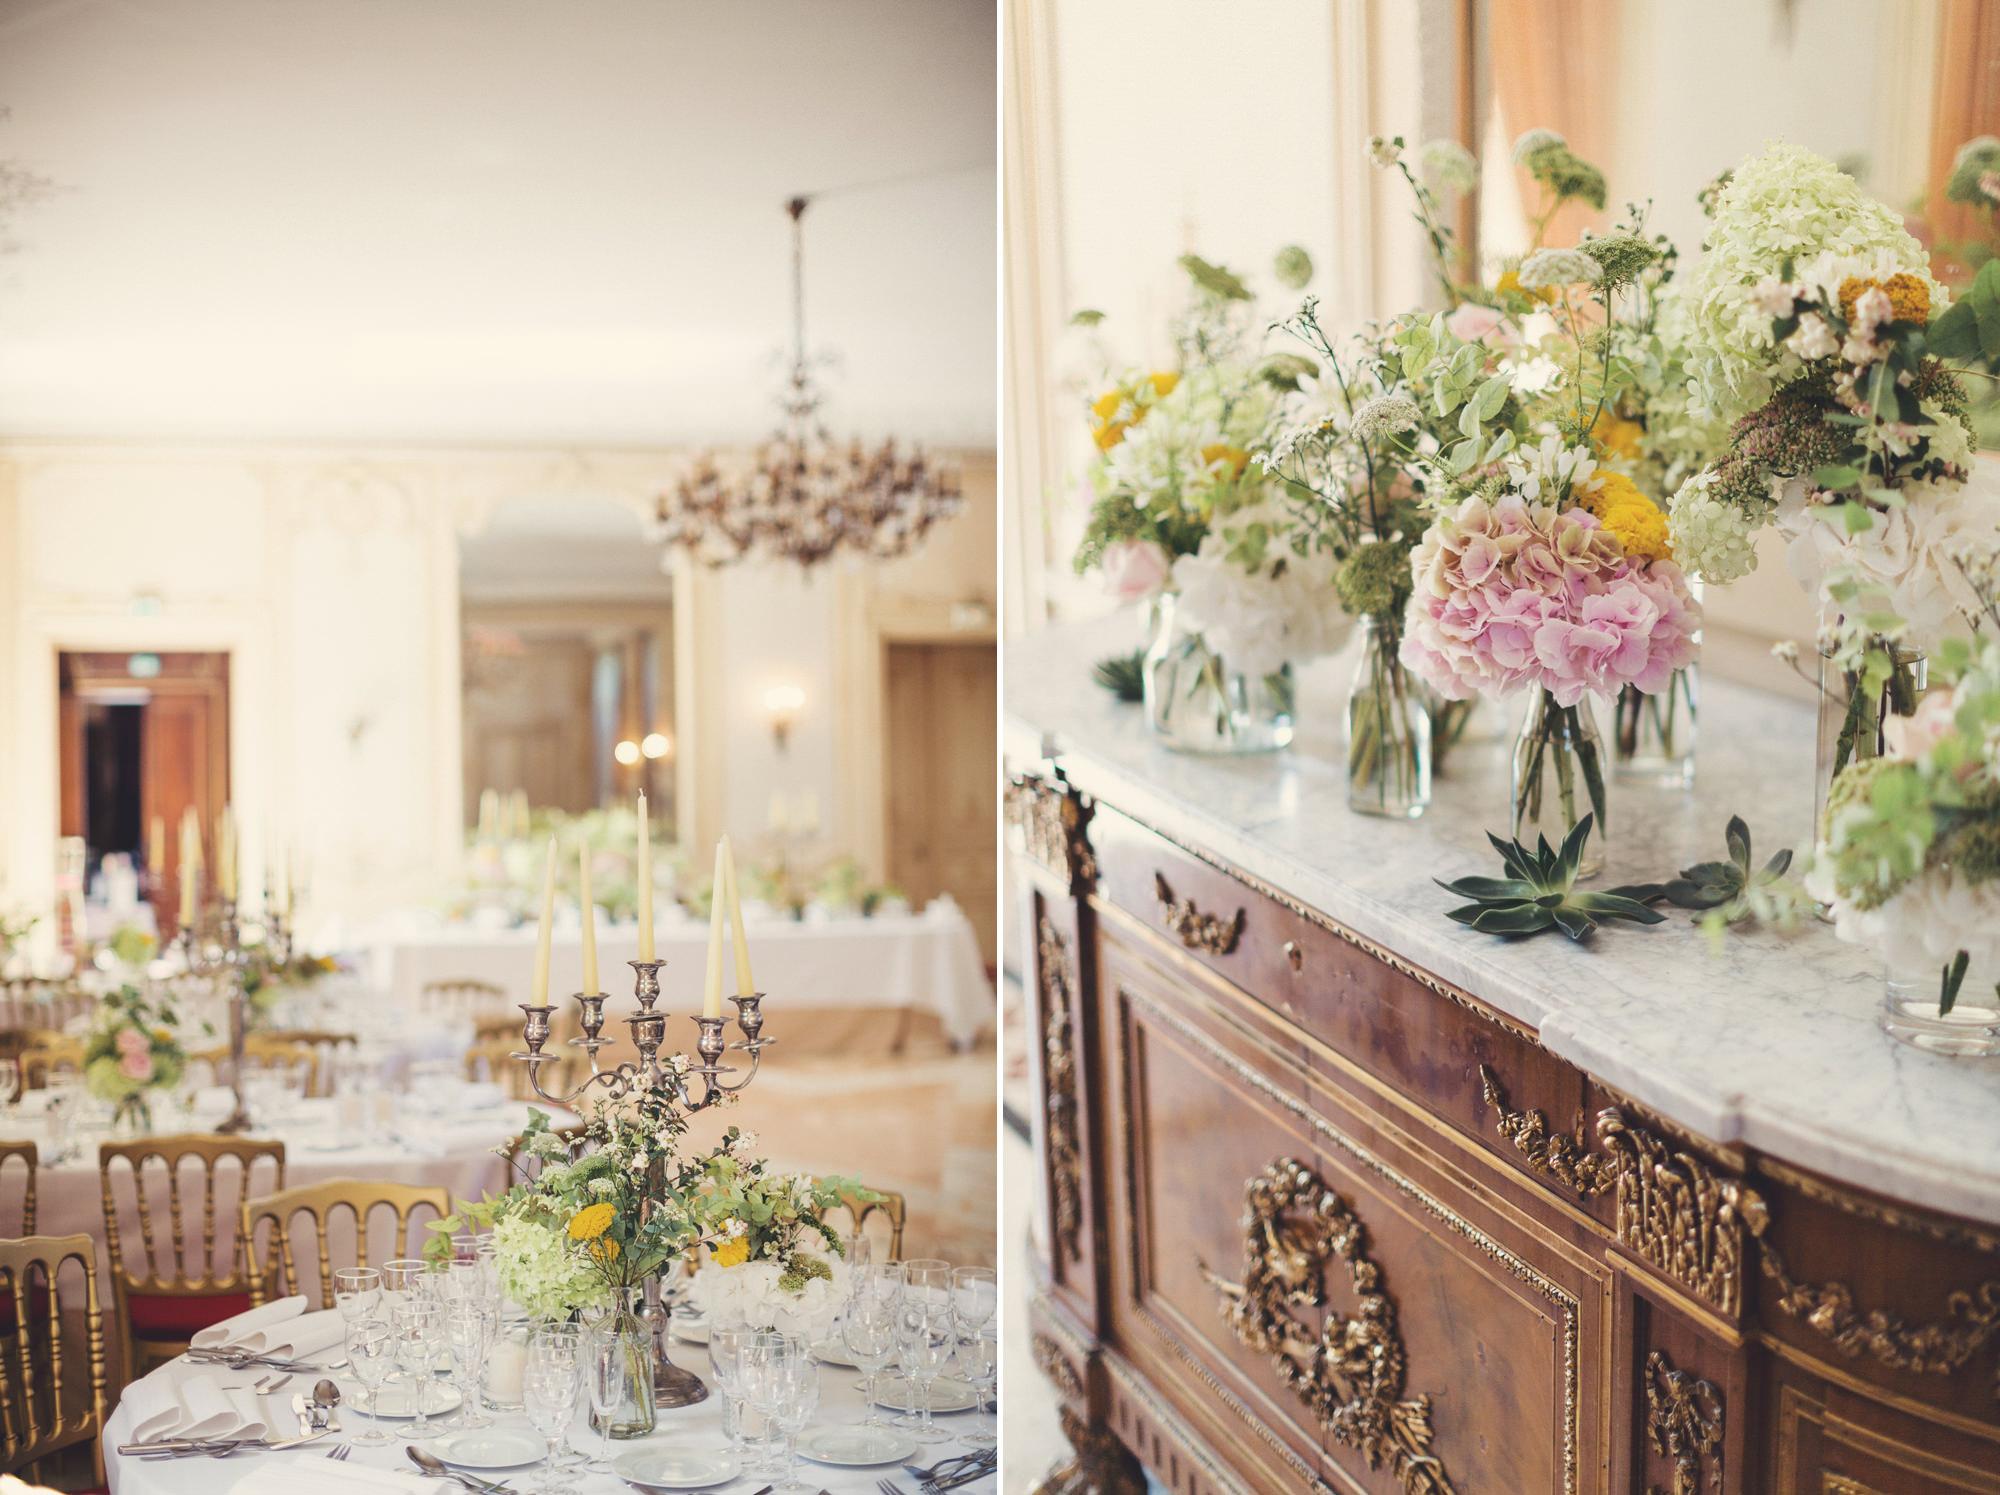 Mariage au Chateau d'Ermenonville@Anne-Claire Brun 96